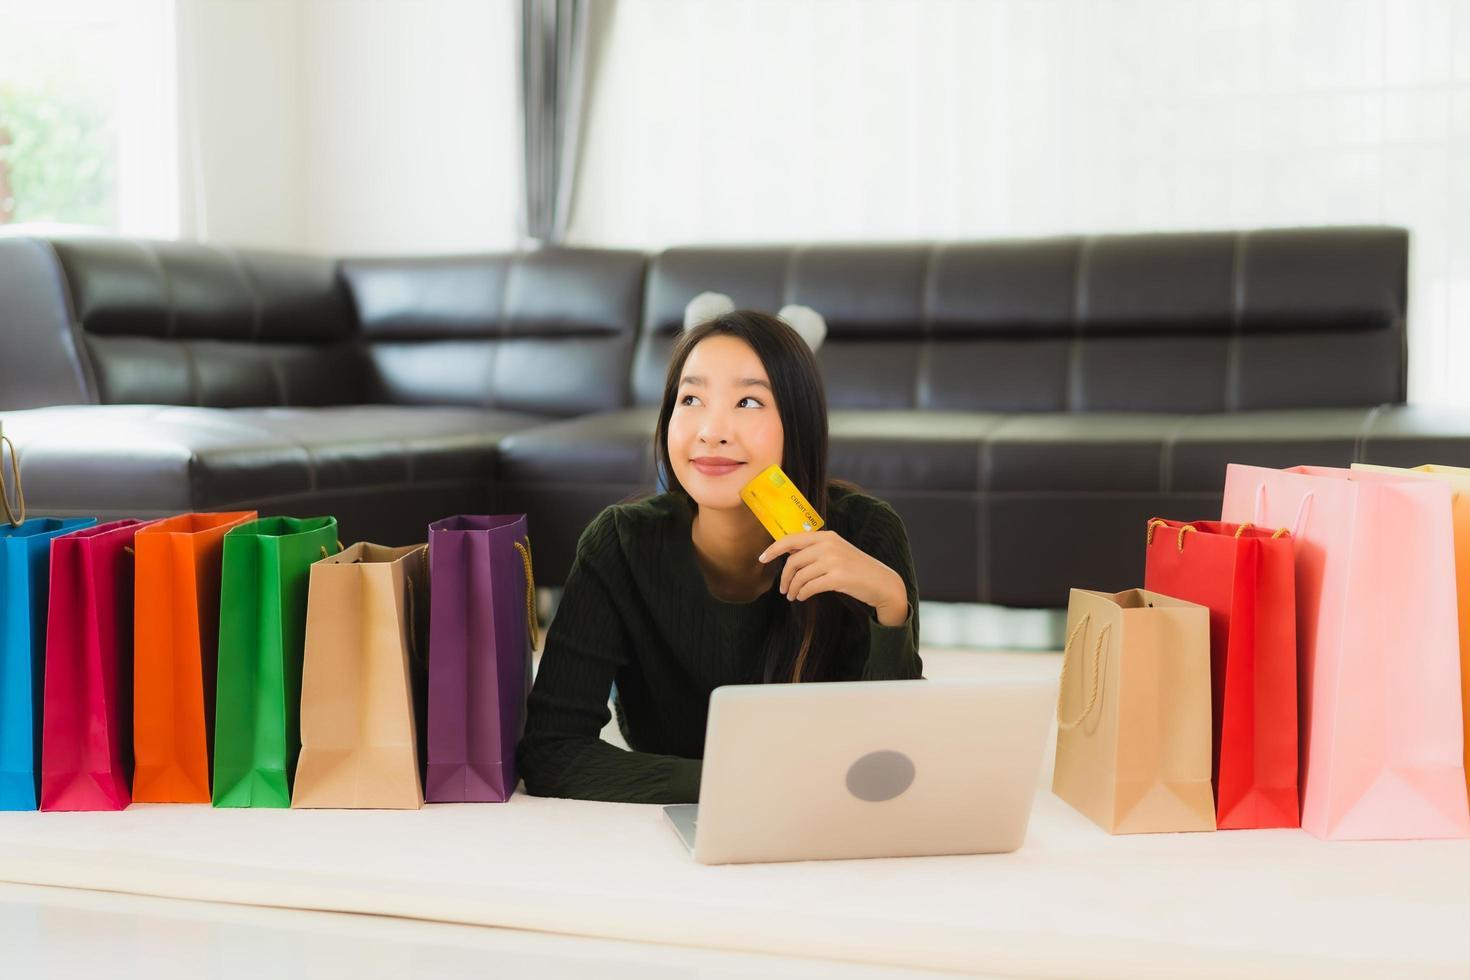 vrouw online winkelen foto